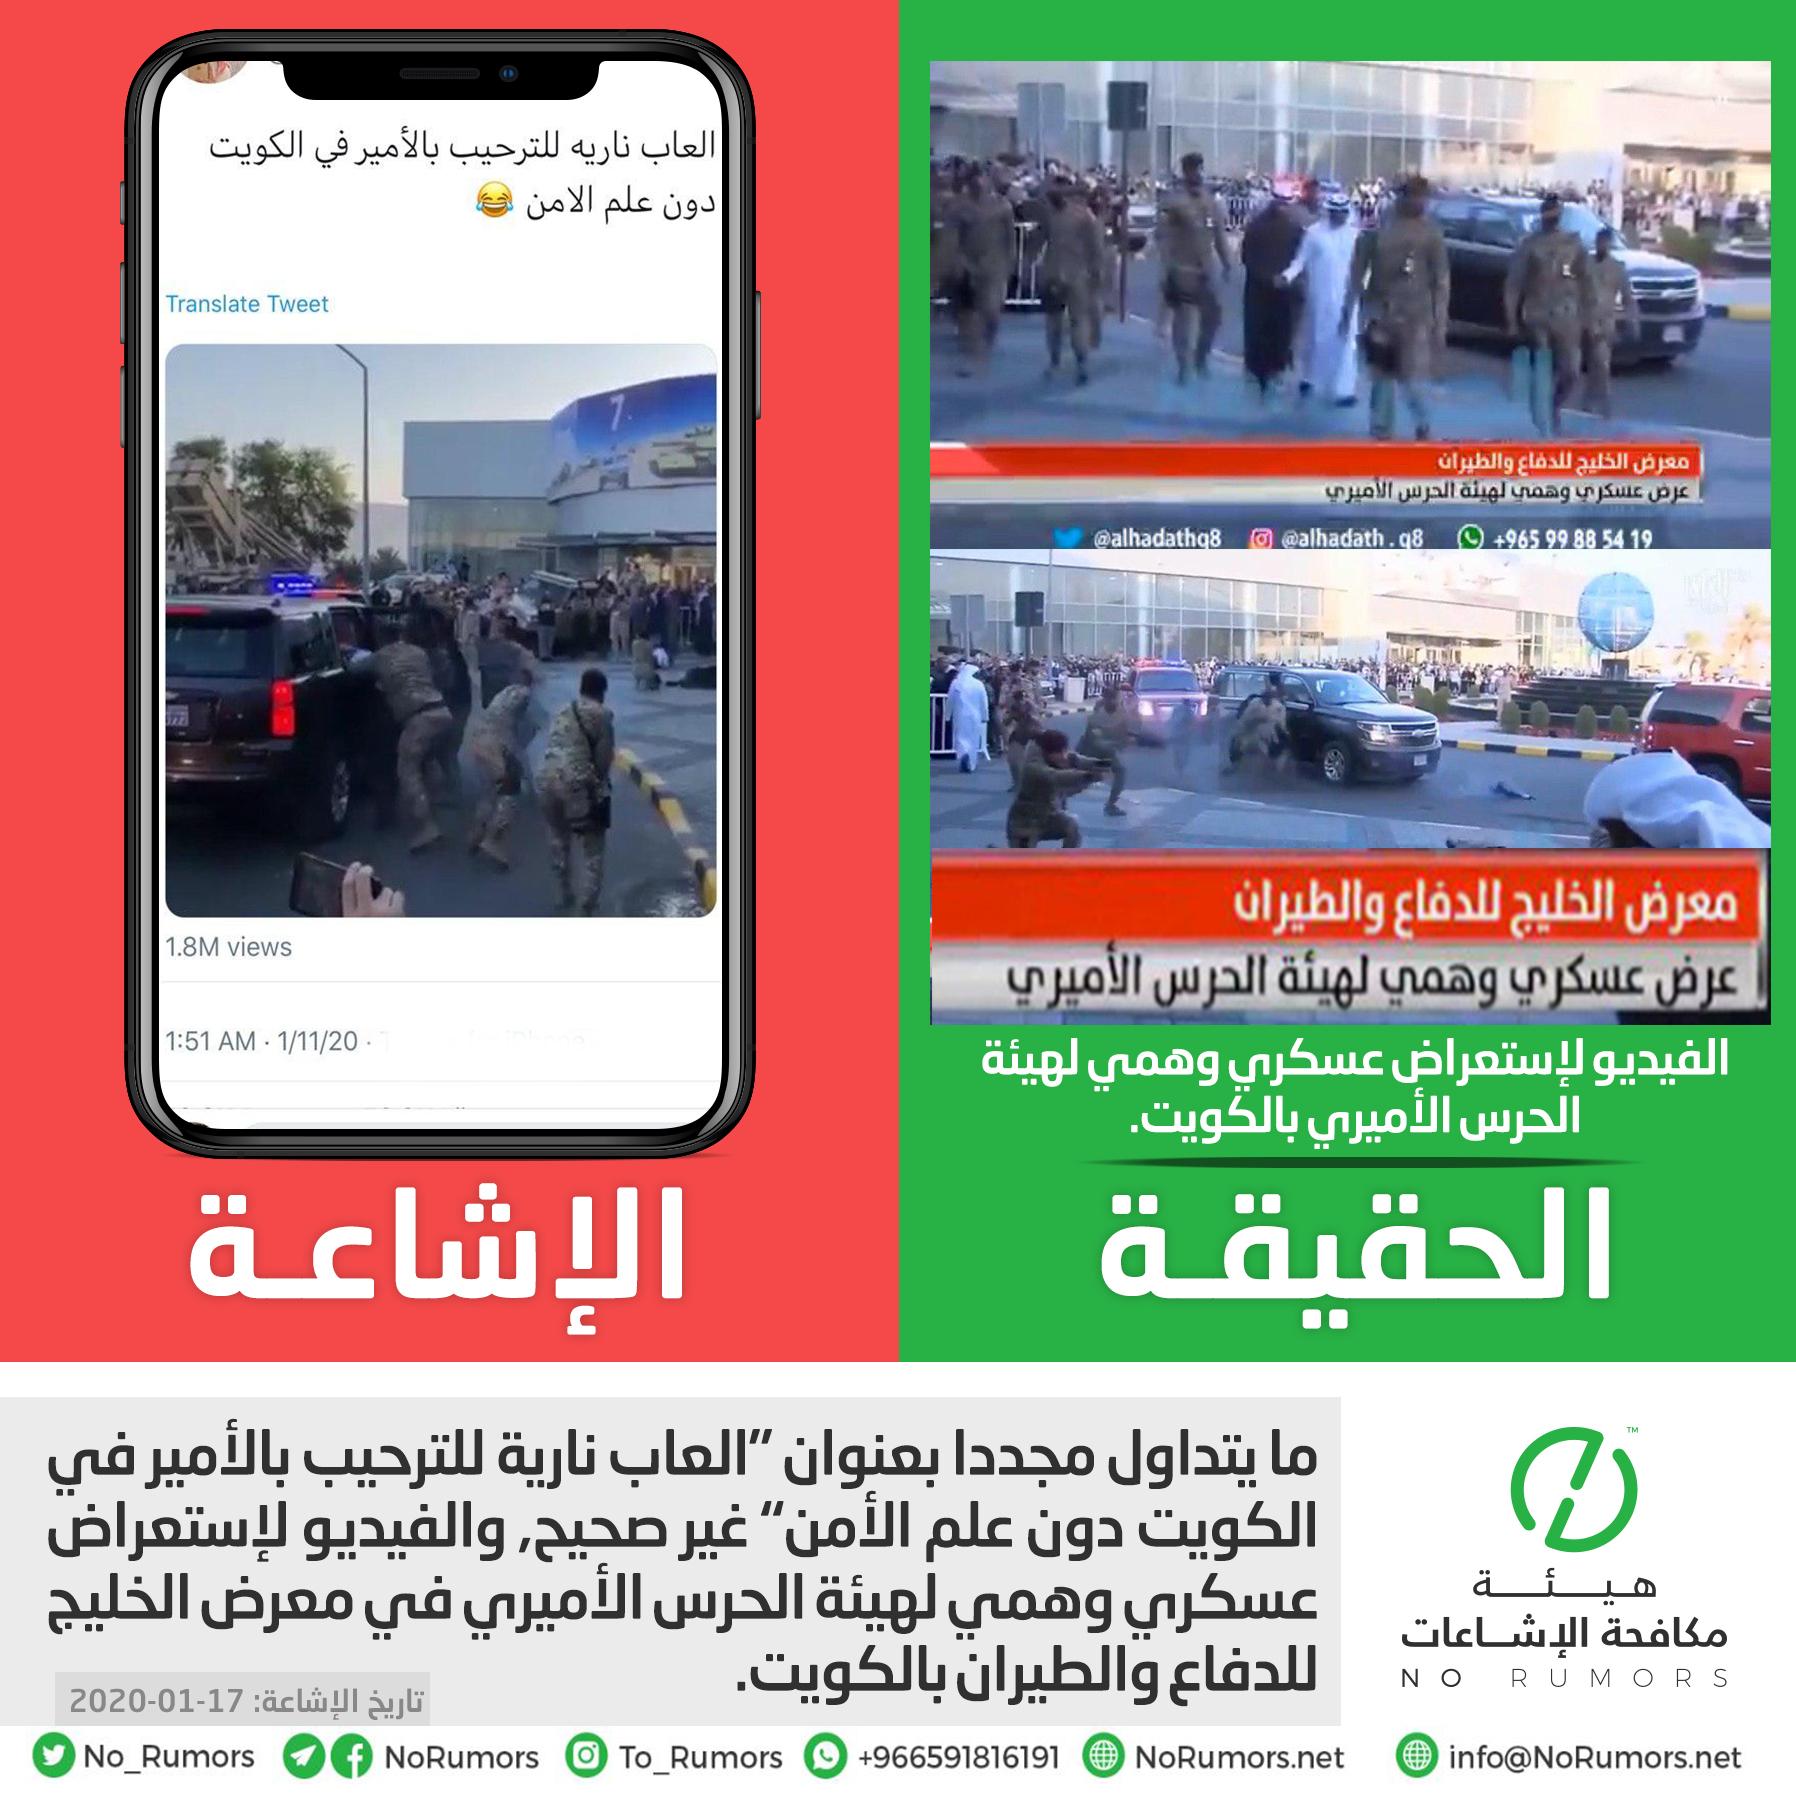 """حقيقة فيديو """"العاب نارية للترحيب بالأمير في الكويت دون علم الأمن"""""""